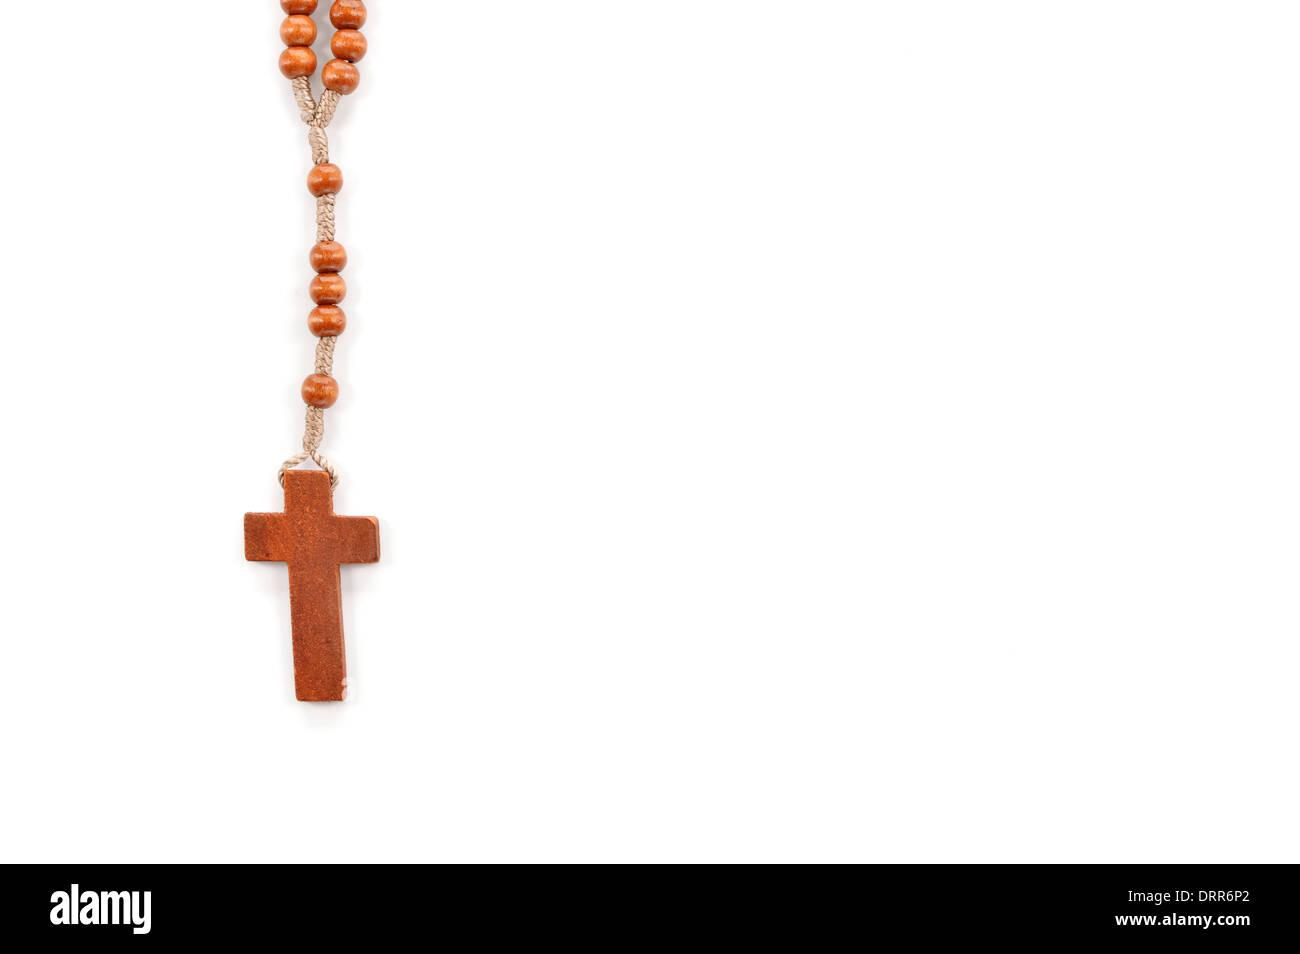 Rosario llano de madera sobre fondo blanco. Rosarios usar para contar las repeticiones de oraciones - el rosario de la Virgen María. Imagen De Stock